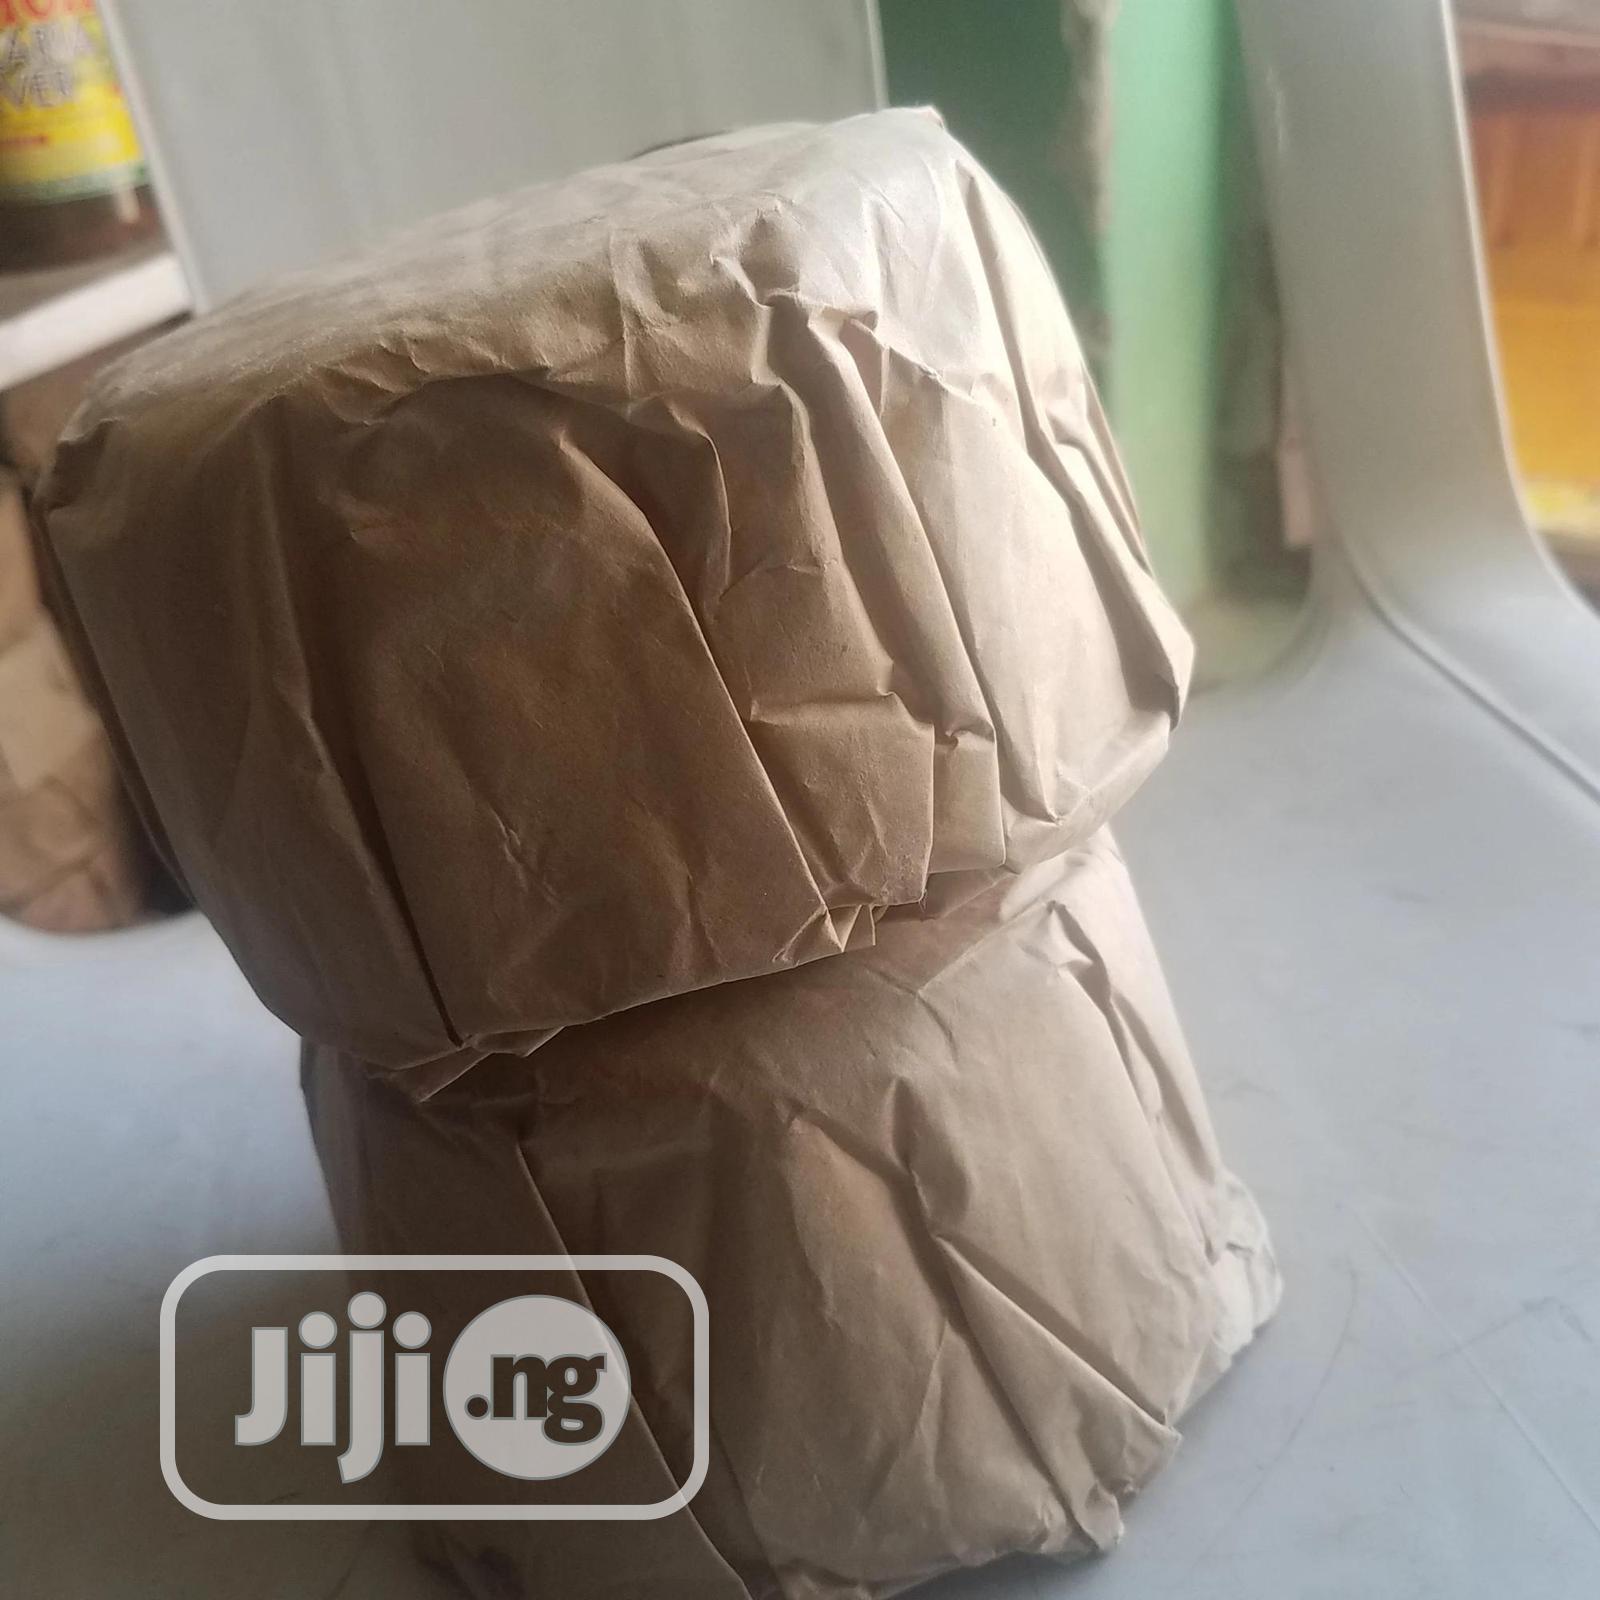 Organics Raw Ghana Black Soap - 500g (2 Packs)